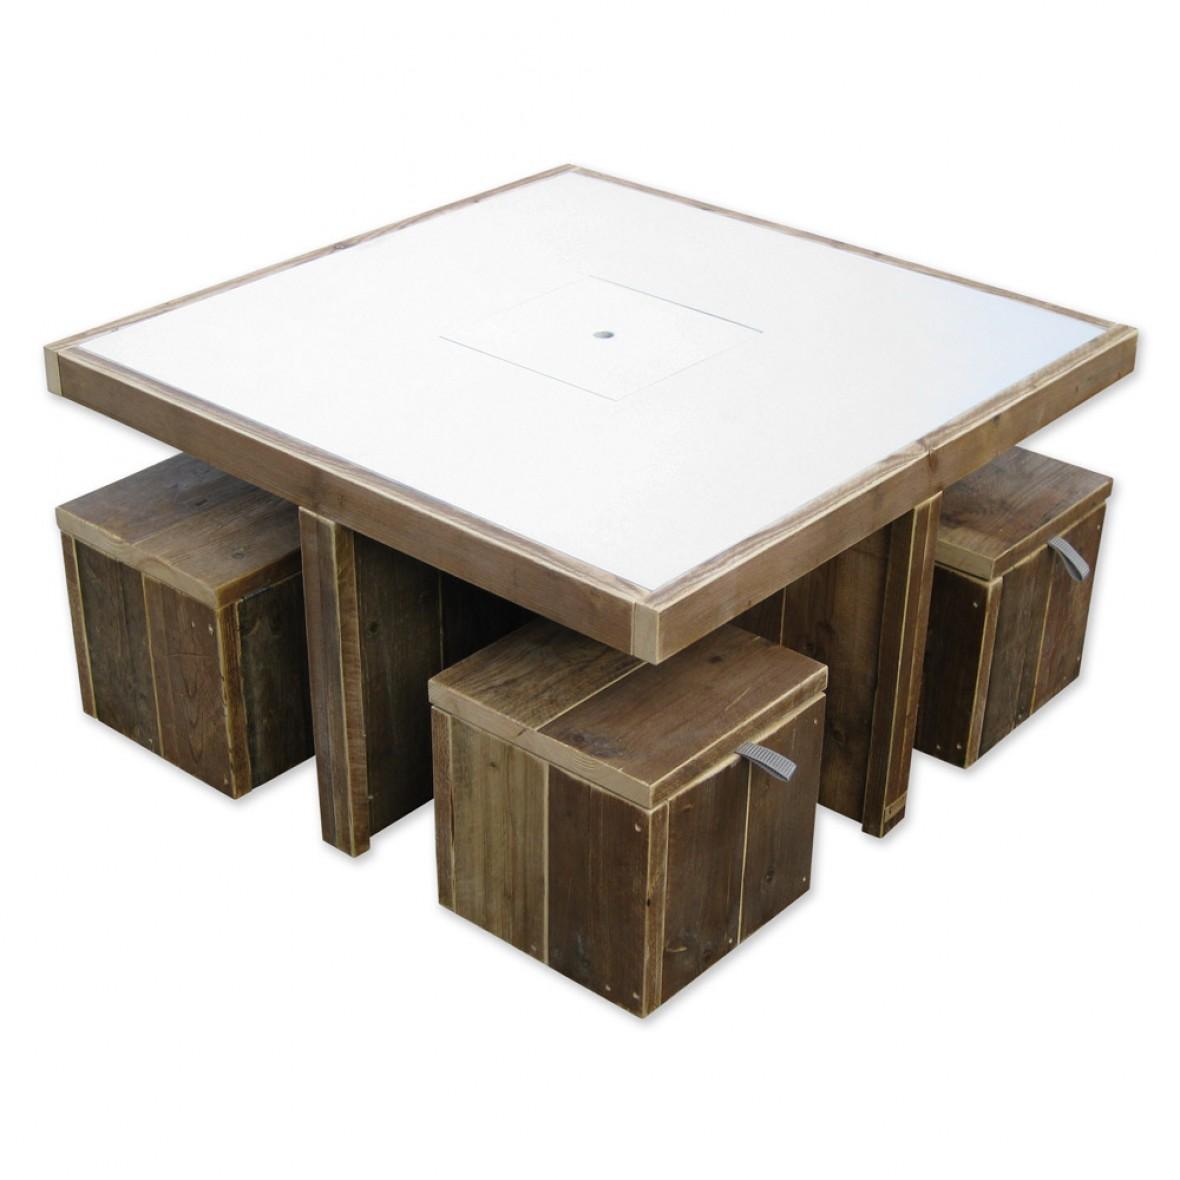 Speeltafel Met Opbergruimte.Steigerhouten Speeltafel Gerko Optioneel Met Krukjes